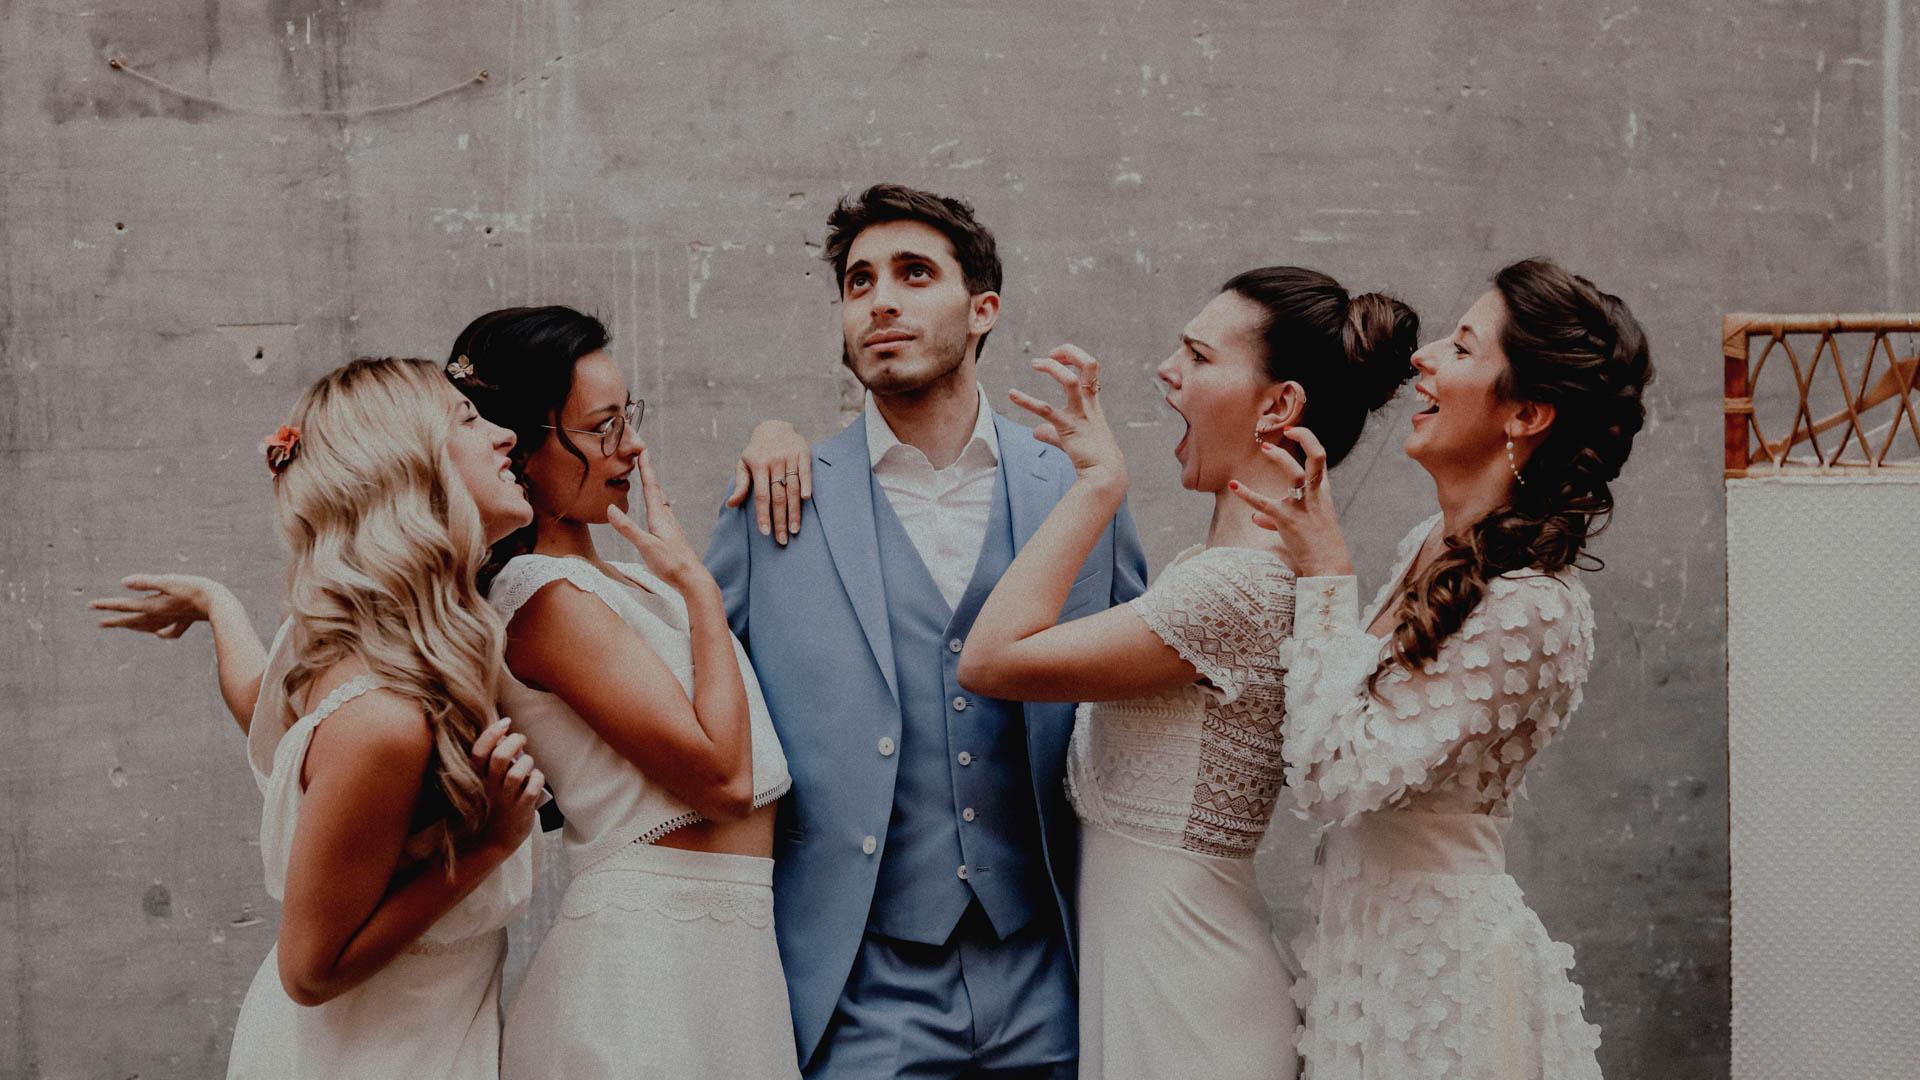 4 femmes en robe de mariée avec un homme en costume festival crazy folk love